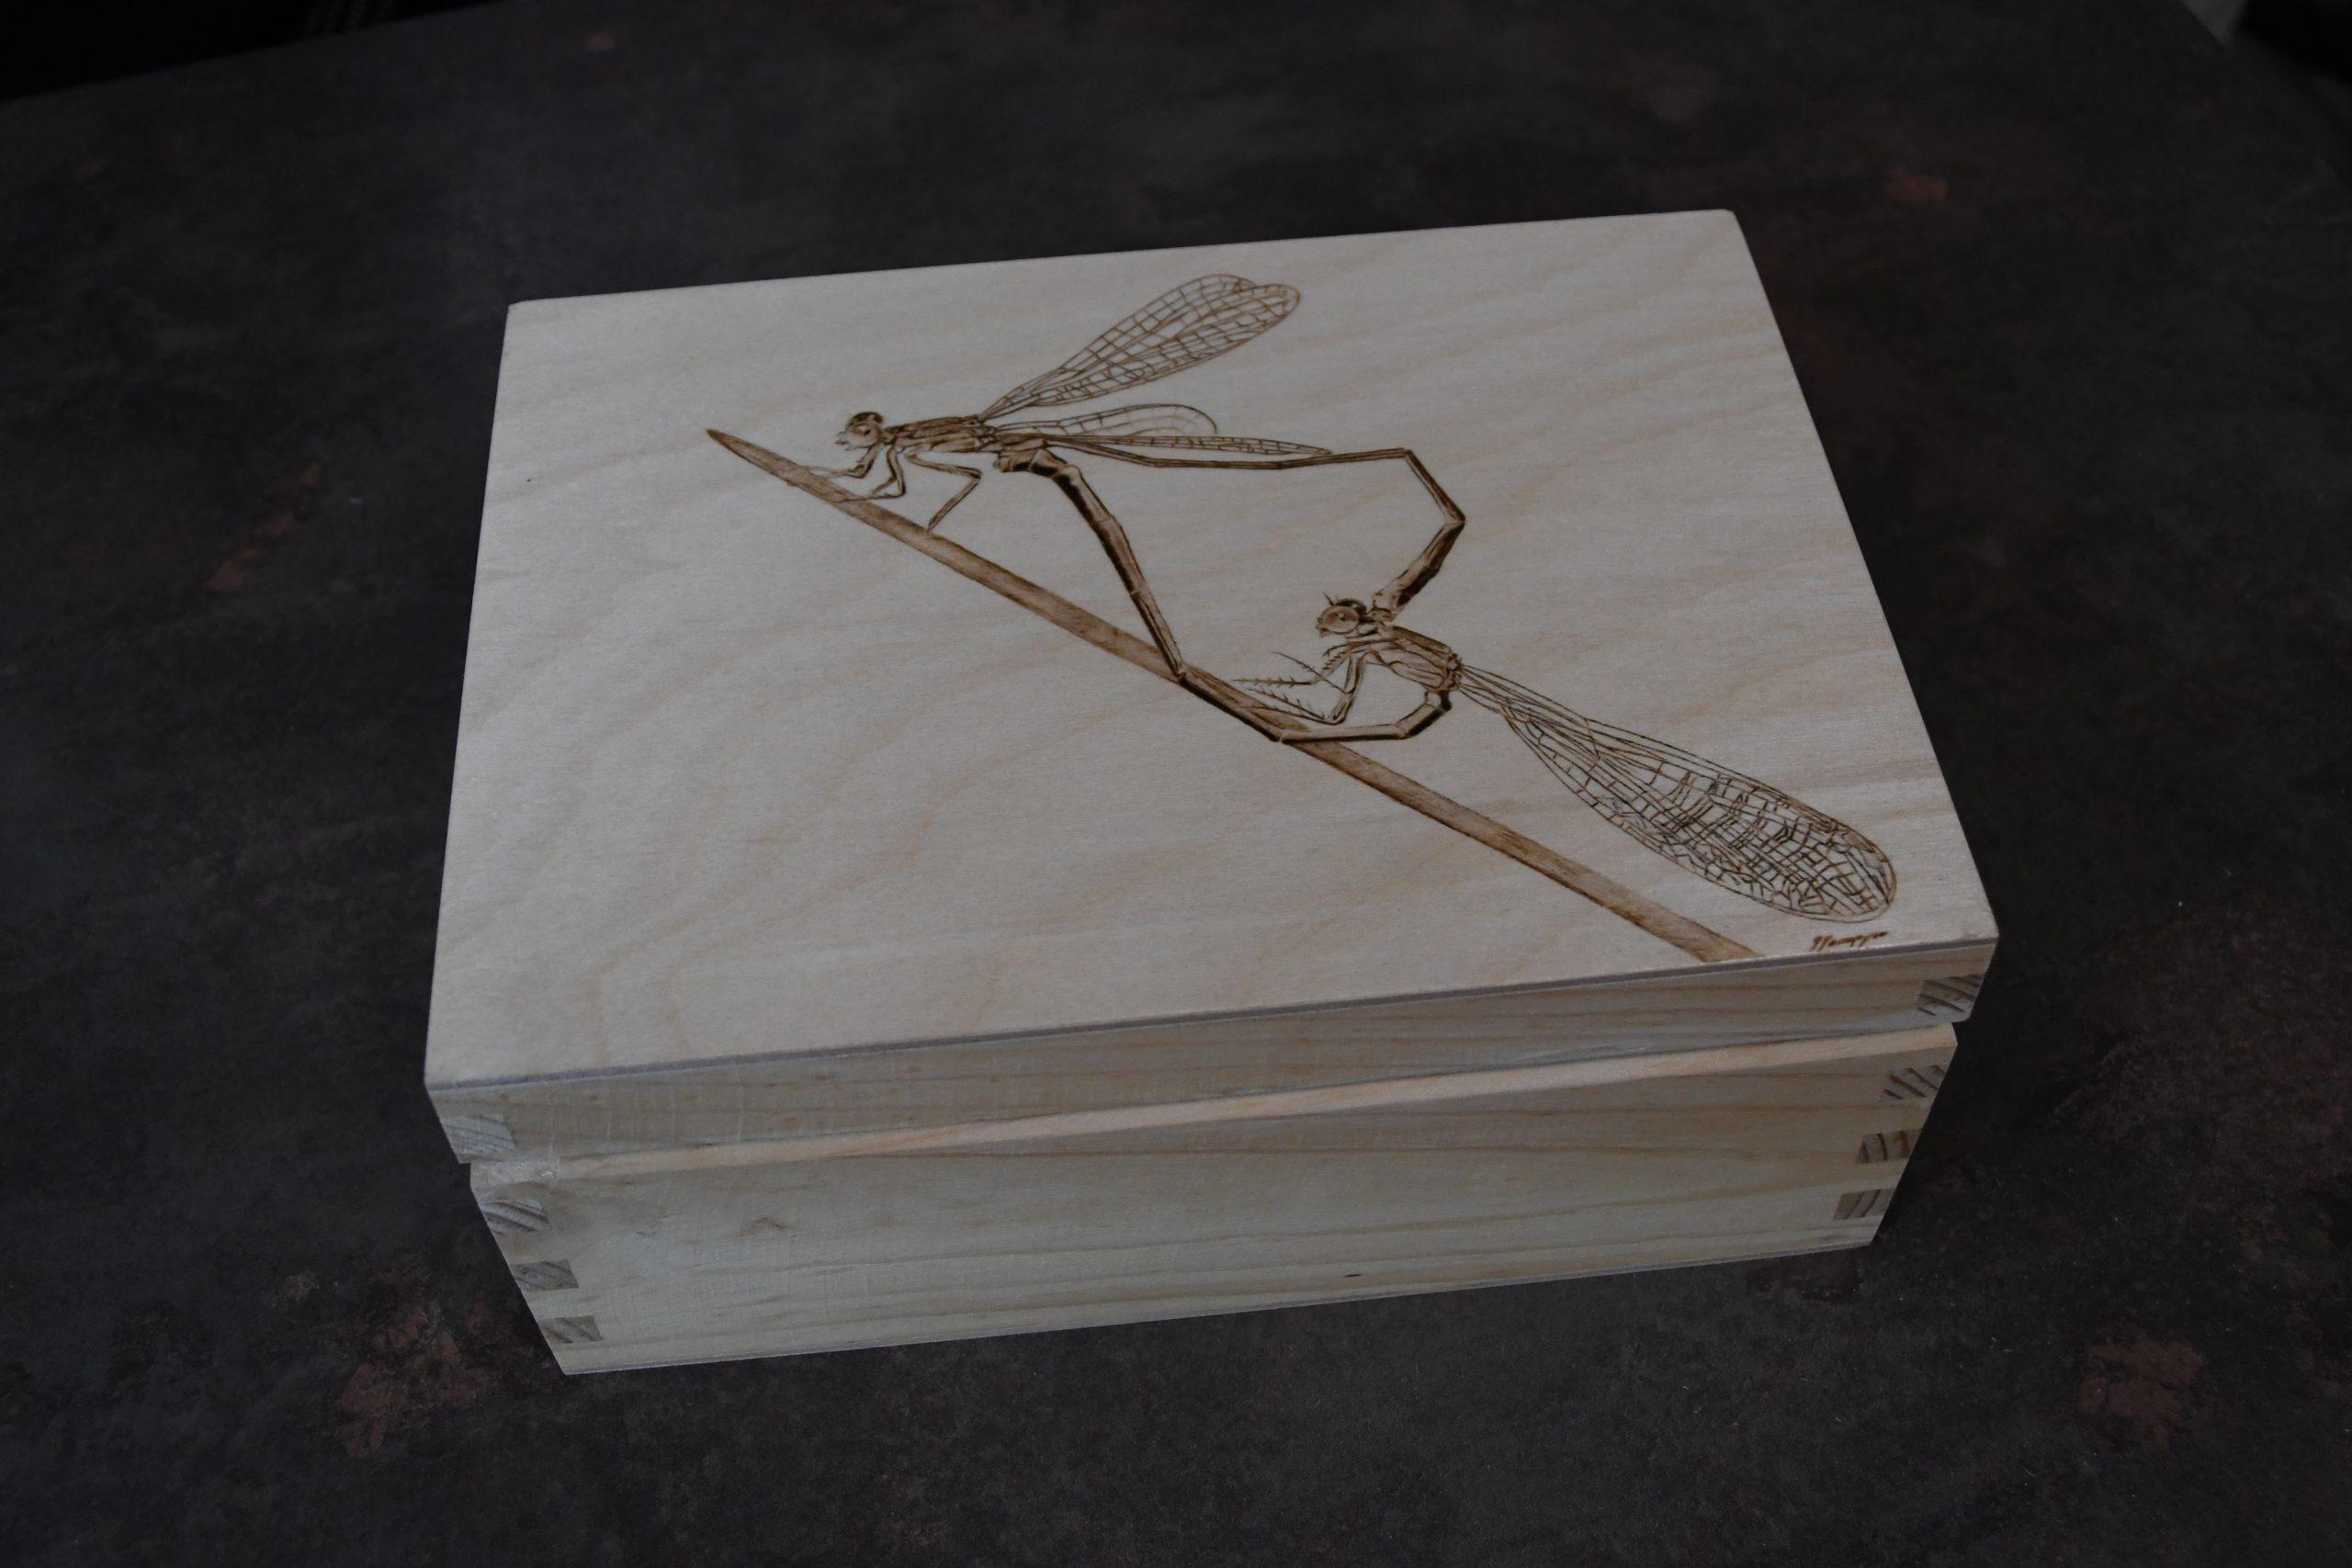 wypalanie w drewnie, sylwia, pirografia, janczyszyn, pyrography, handmade, rękodzieło, pomysł na prezent, spersonalizowane prezenty, pudełko na zdjęcia